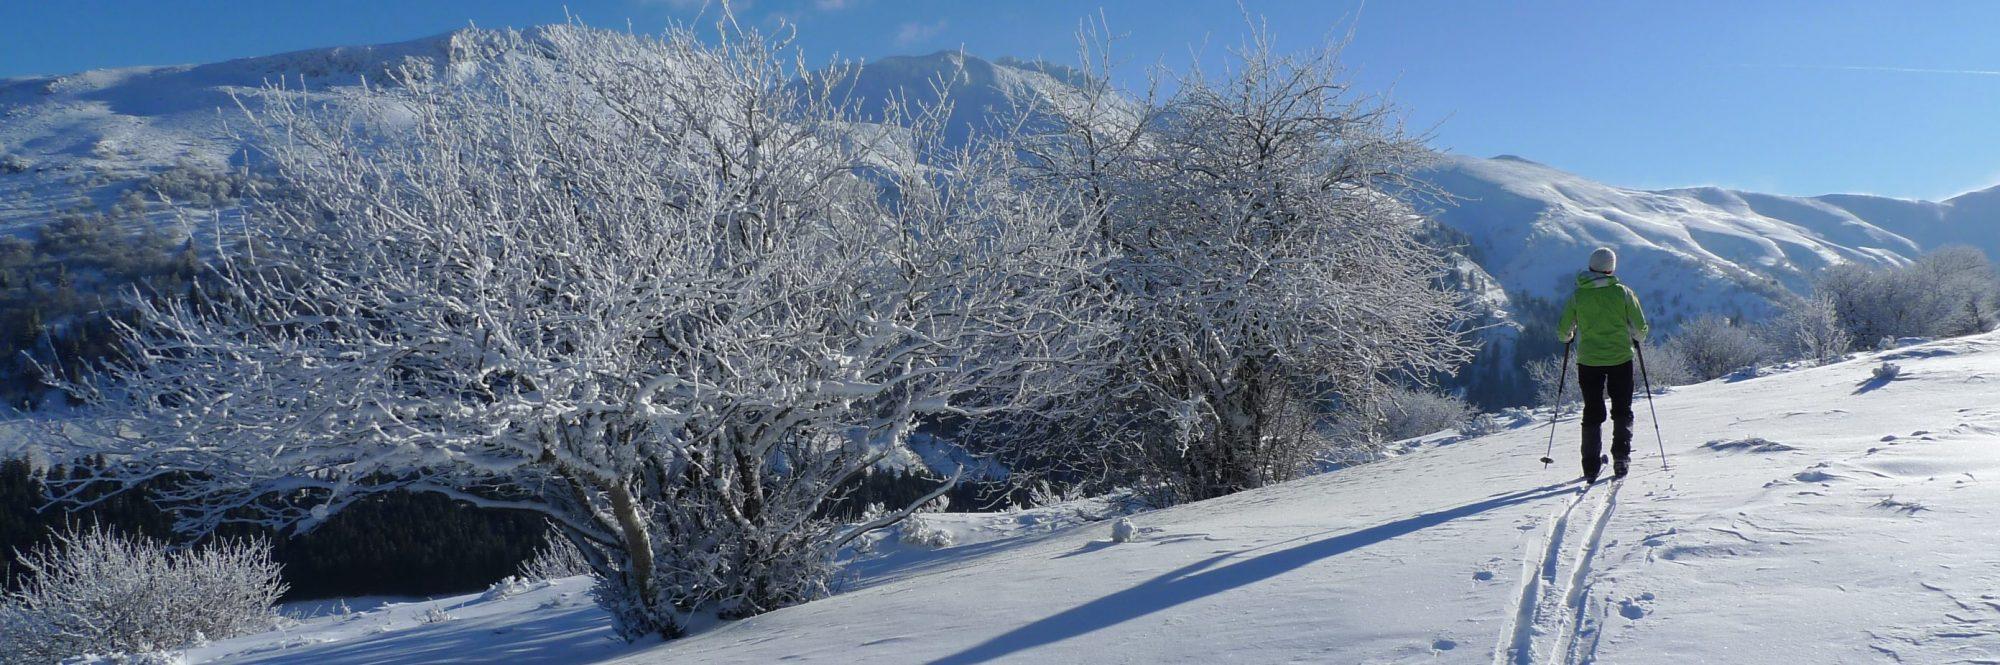 Activité hivernale: ski nordique au col de Serre. Photo ©Alta Terra